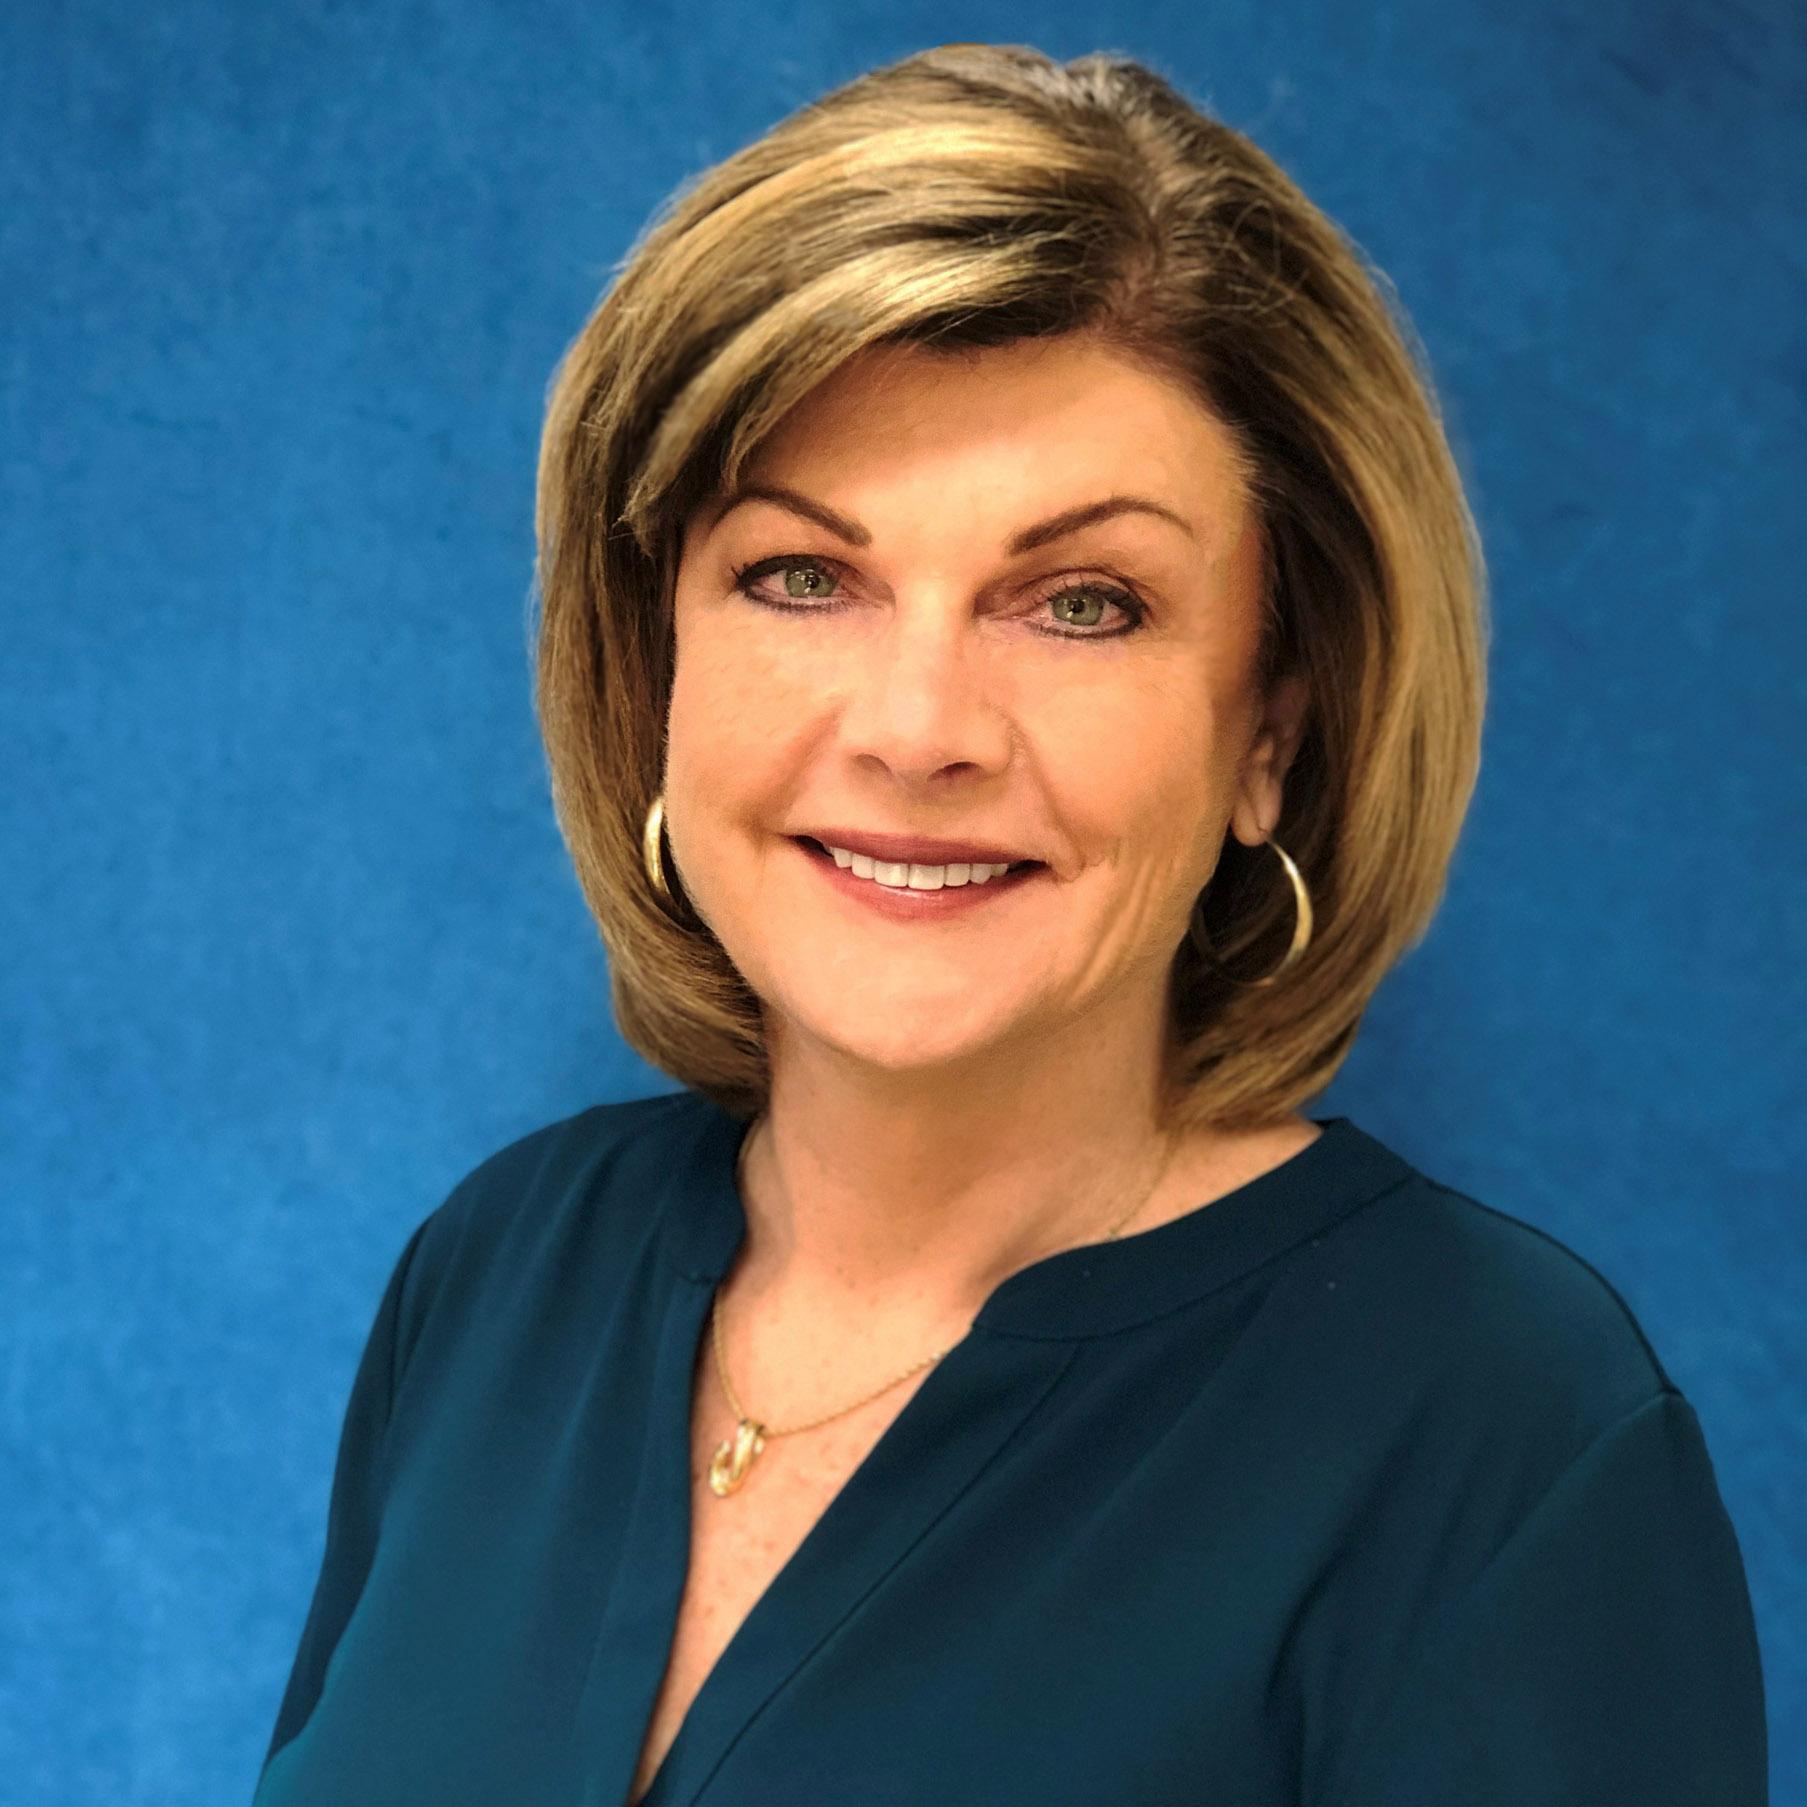 Karen Koenes